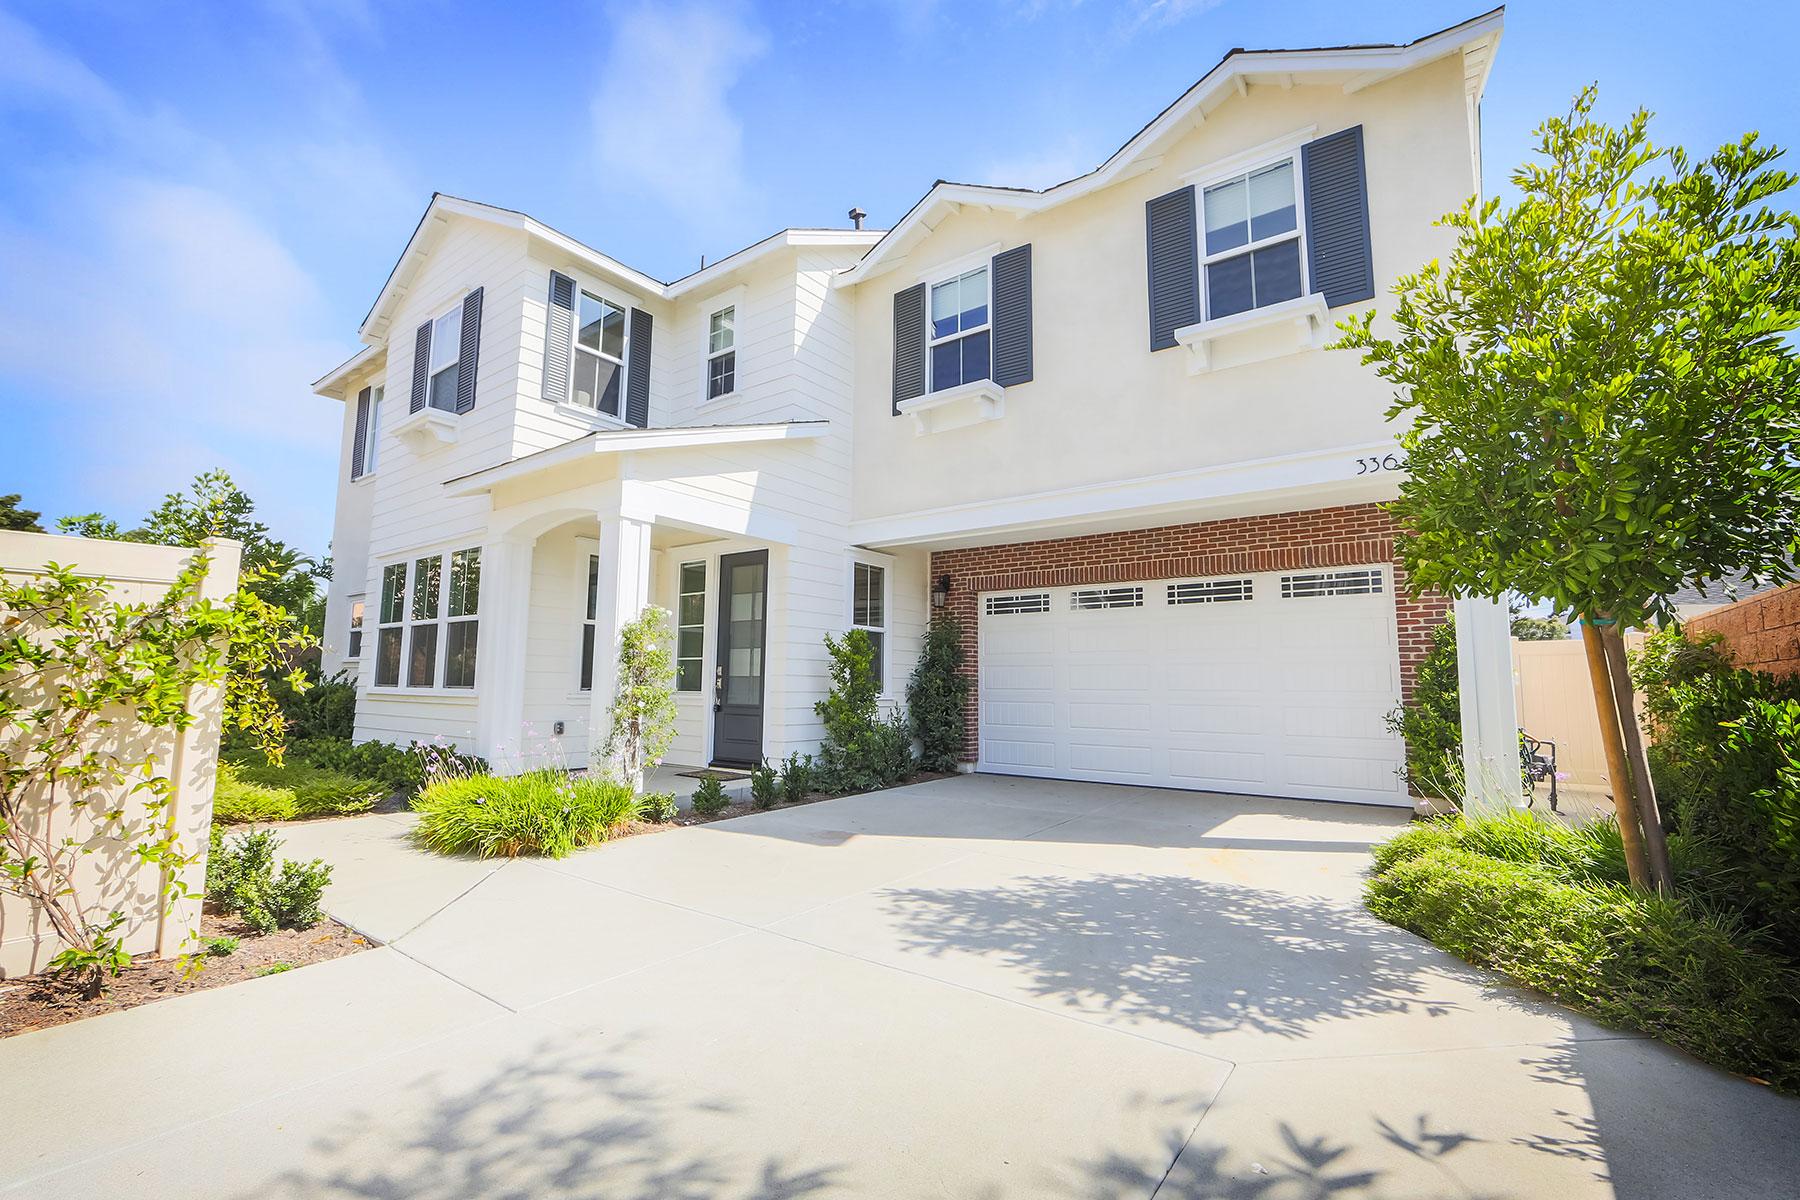 단독 가정 주택 용 매매 에 336 E 16th Street Costa Mesa, 캘리포니아, 92627 미국